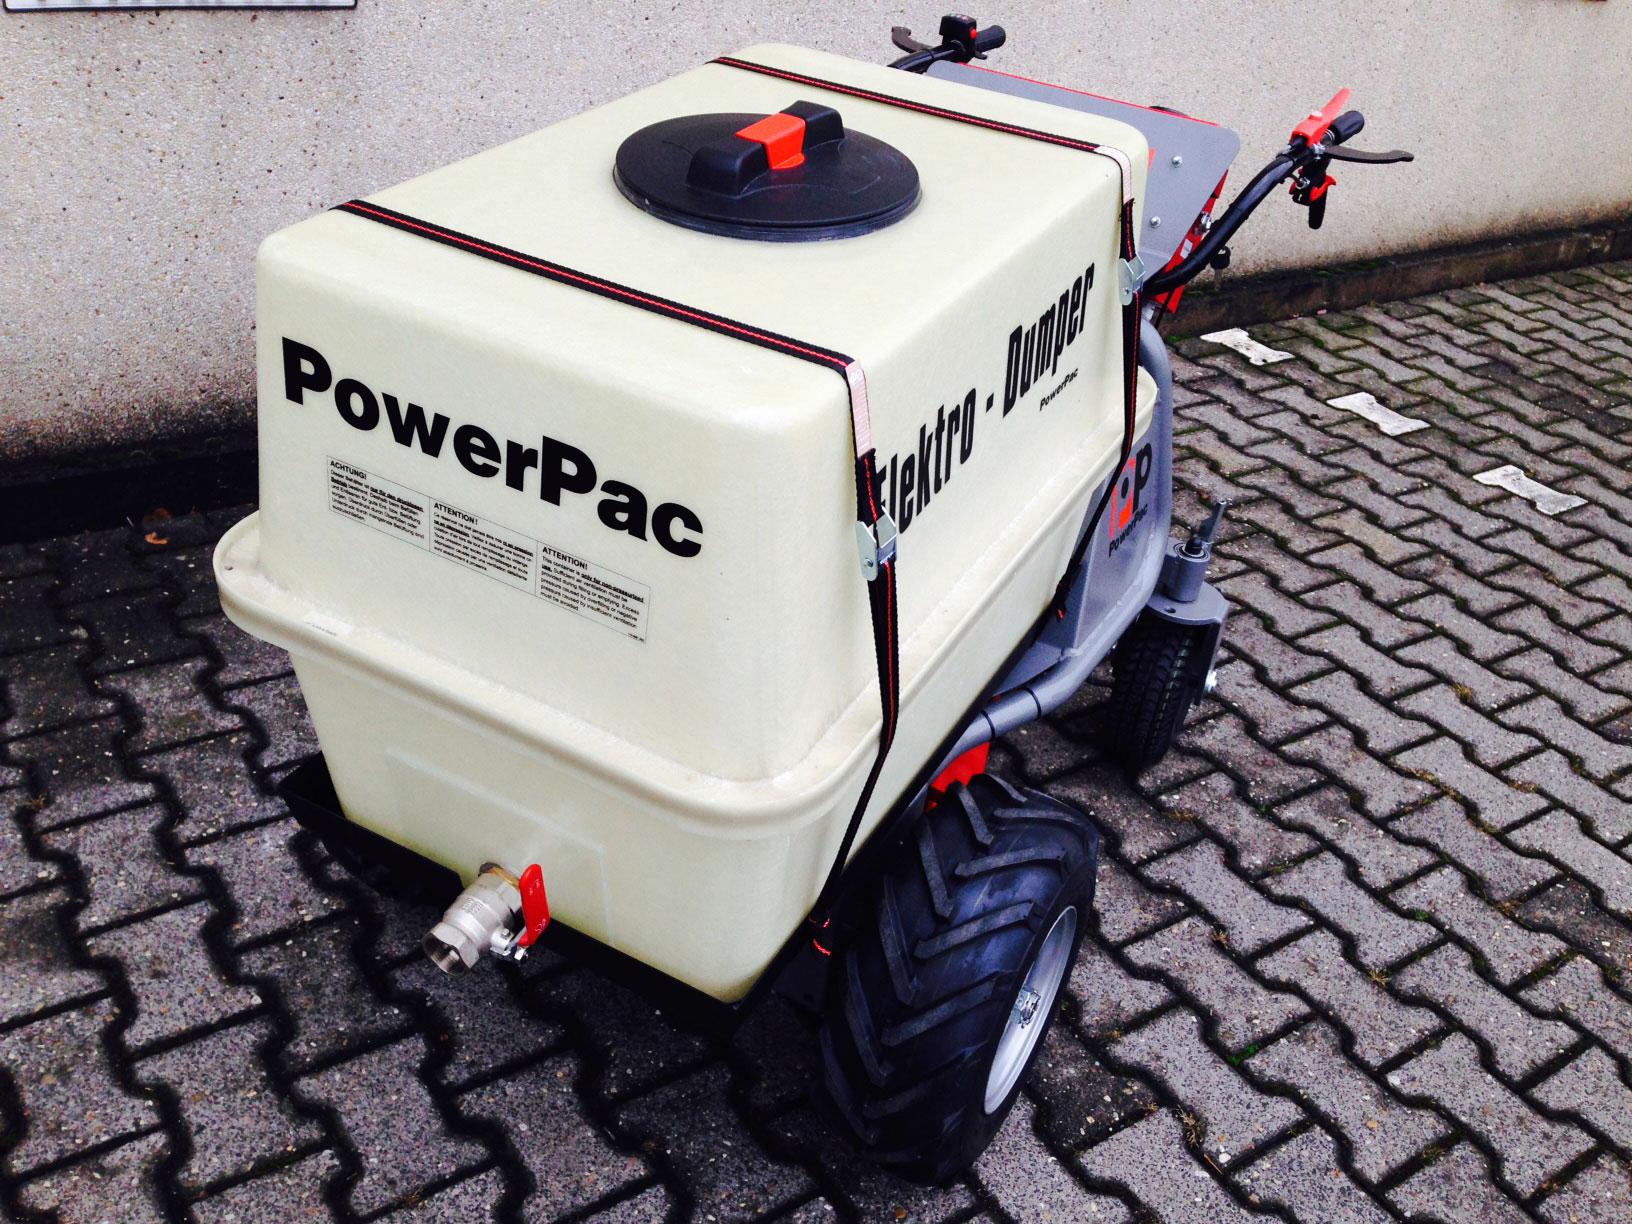 Powerpac Wassertank für Elektro Multi-Caddy MCE400 Bild 3